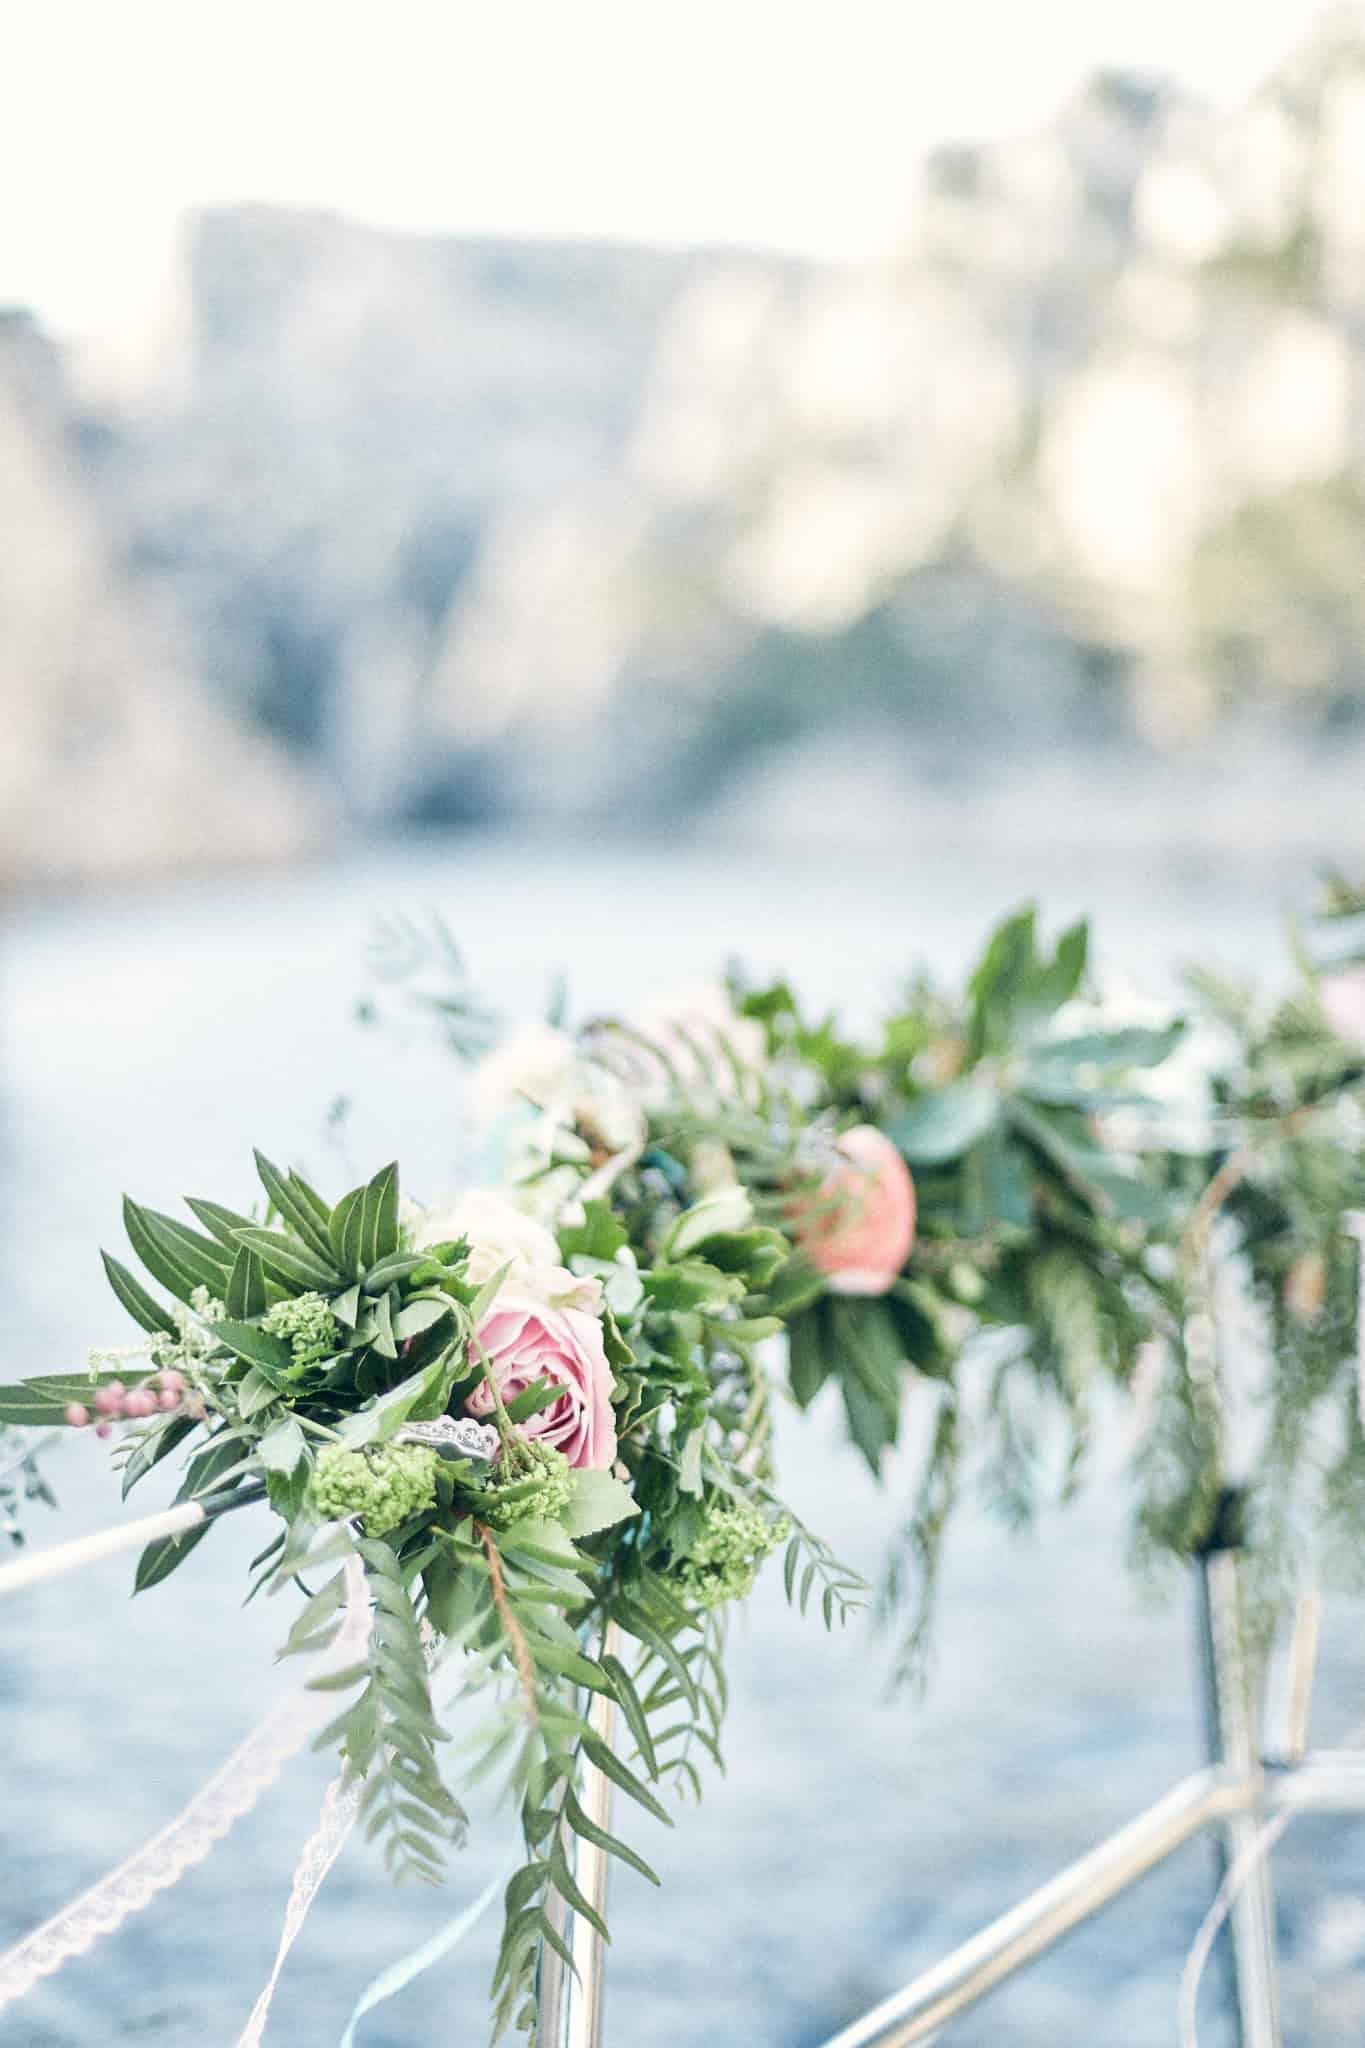 Bouquet de fleur sur un voilier dans les calanques de Cassis